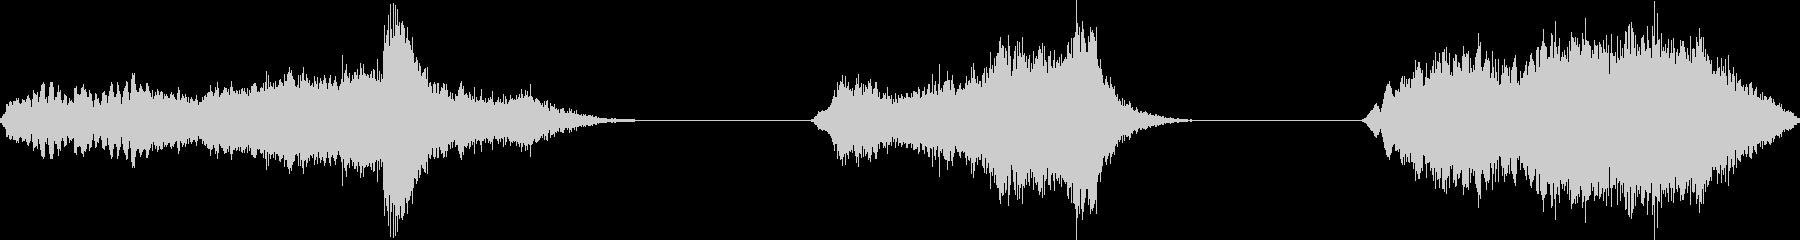 シートメタル、チューブ、パイプ、ス...の未再生の波形